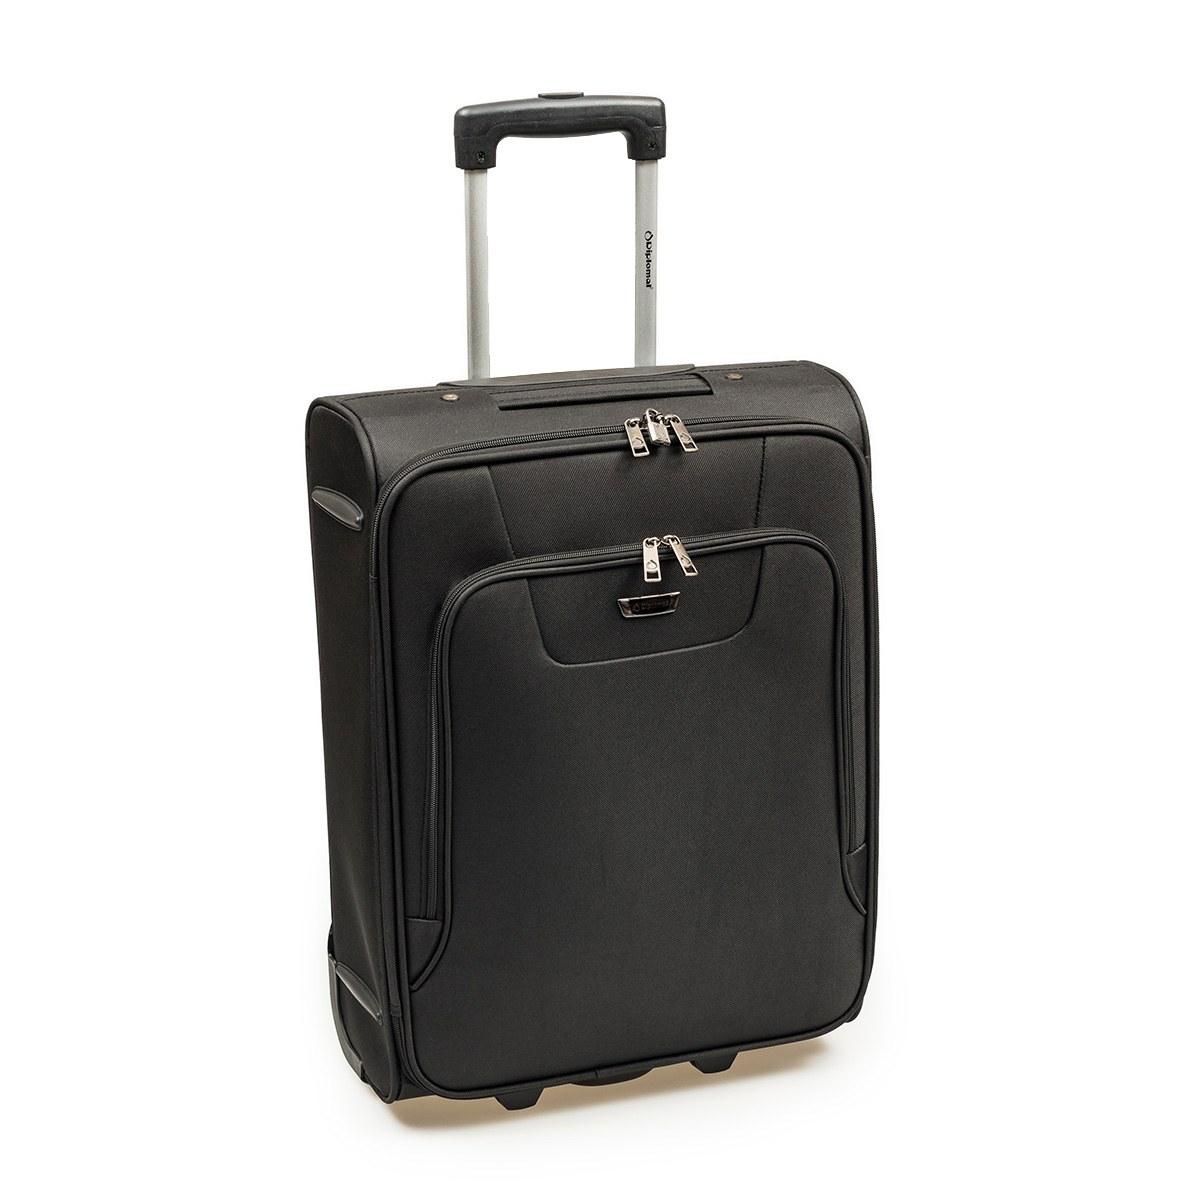 Βαλίτσα Καμπίνας Diplomat ZC980-55cm Μαύρη